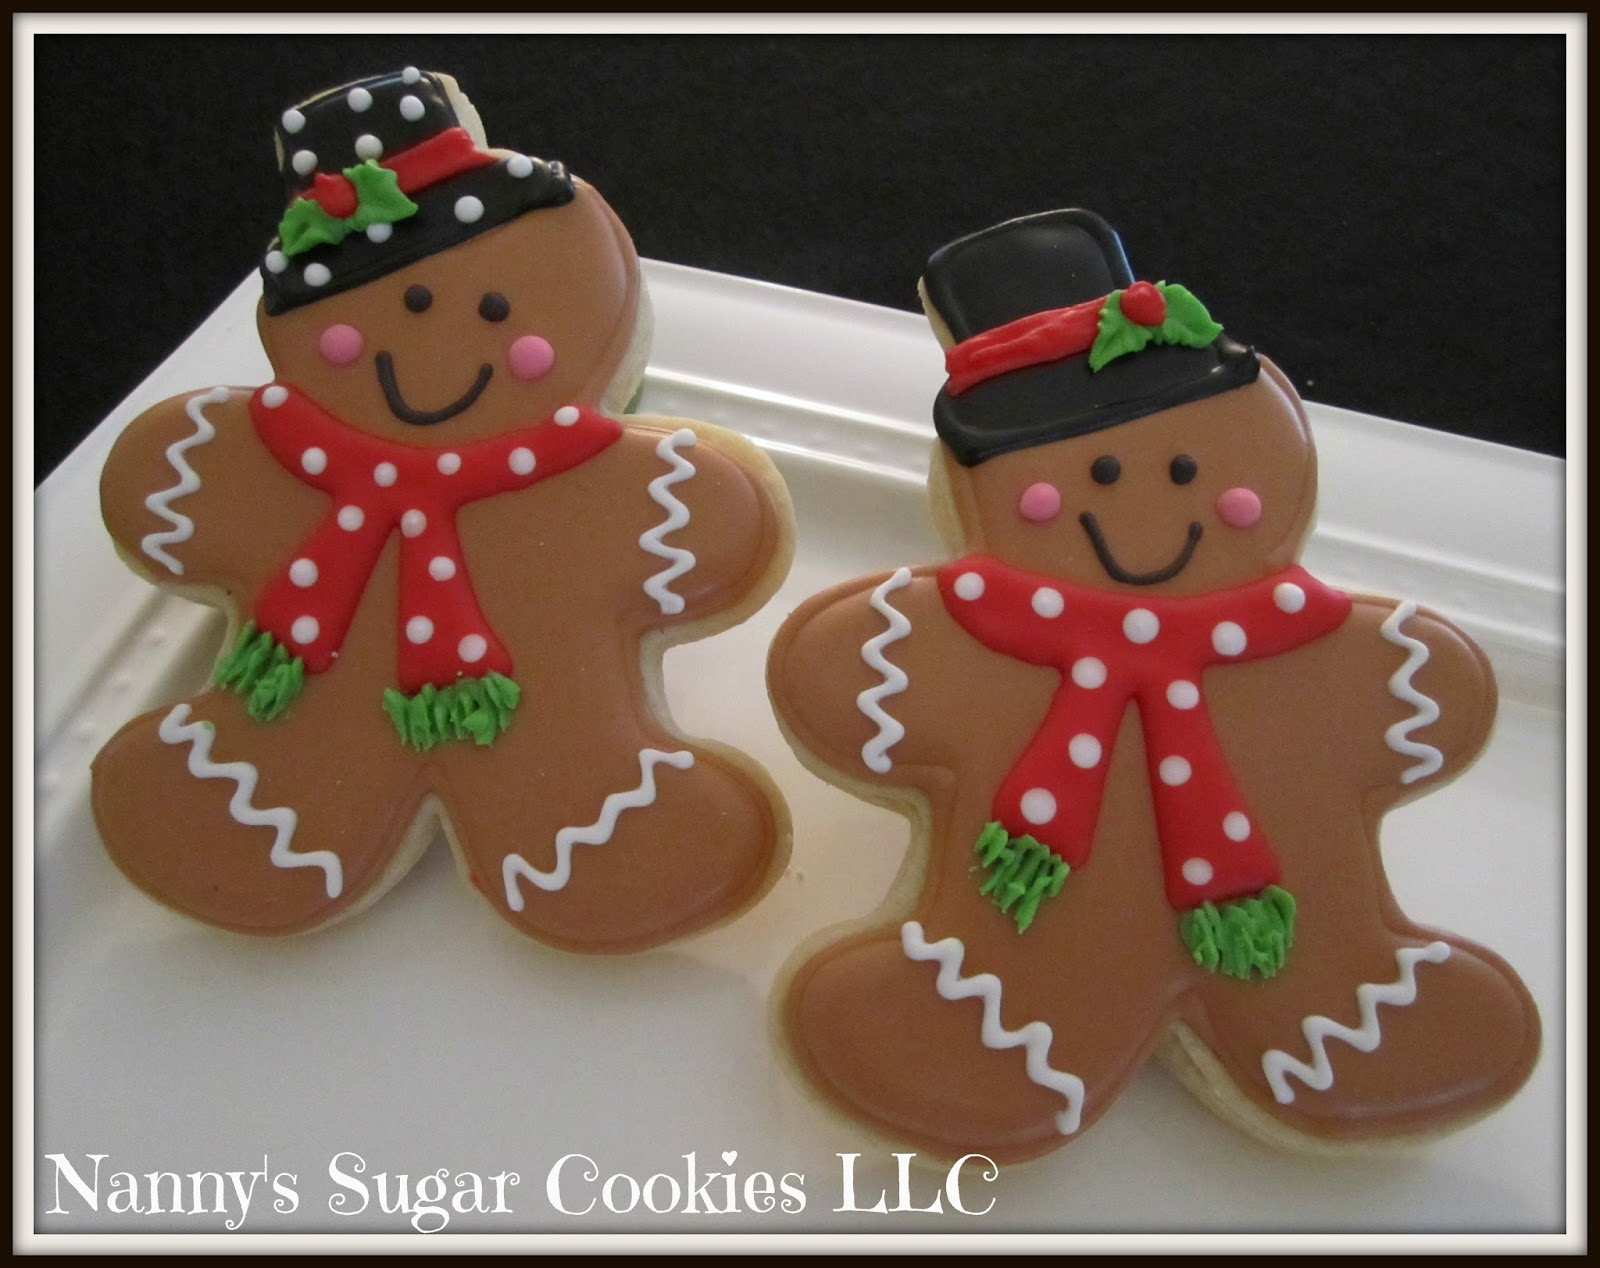 Nanny S Sugar Cookies Llc The Gingerbread Men Of 2016